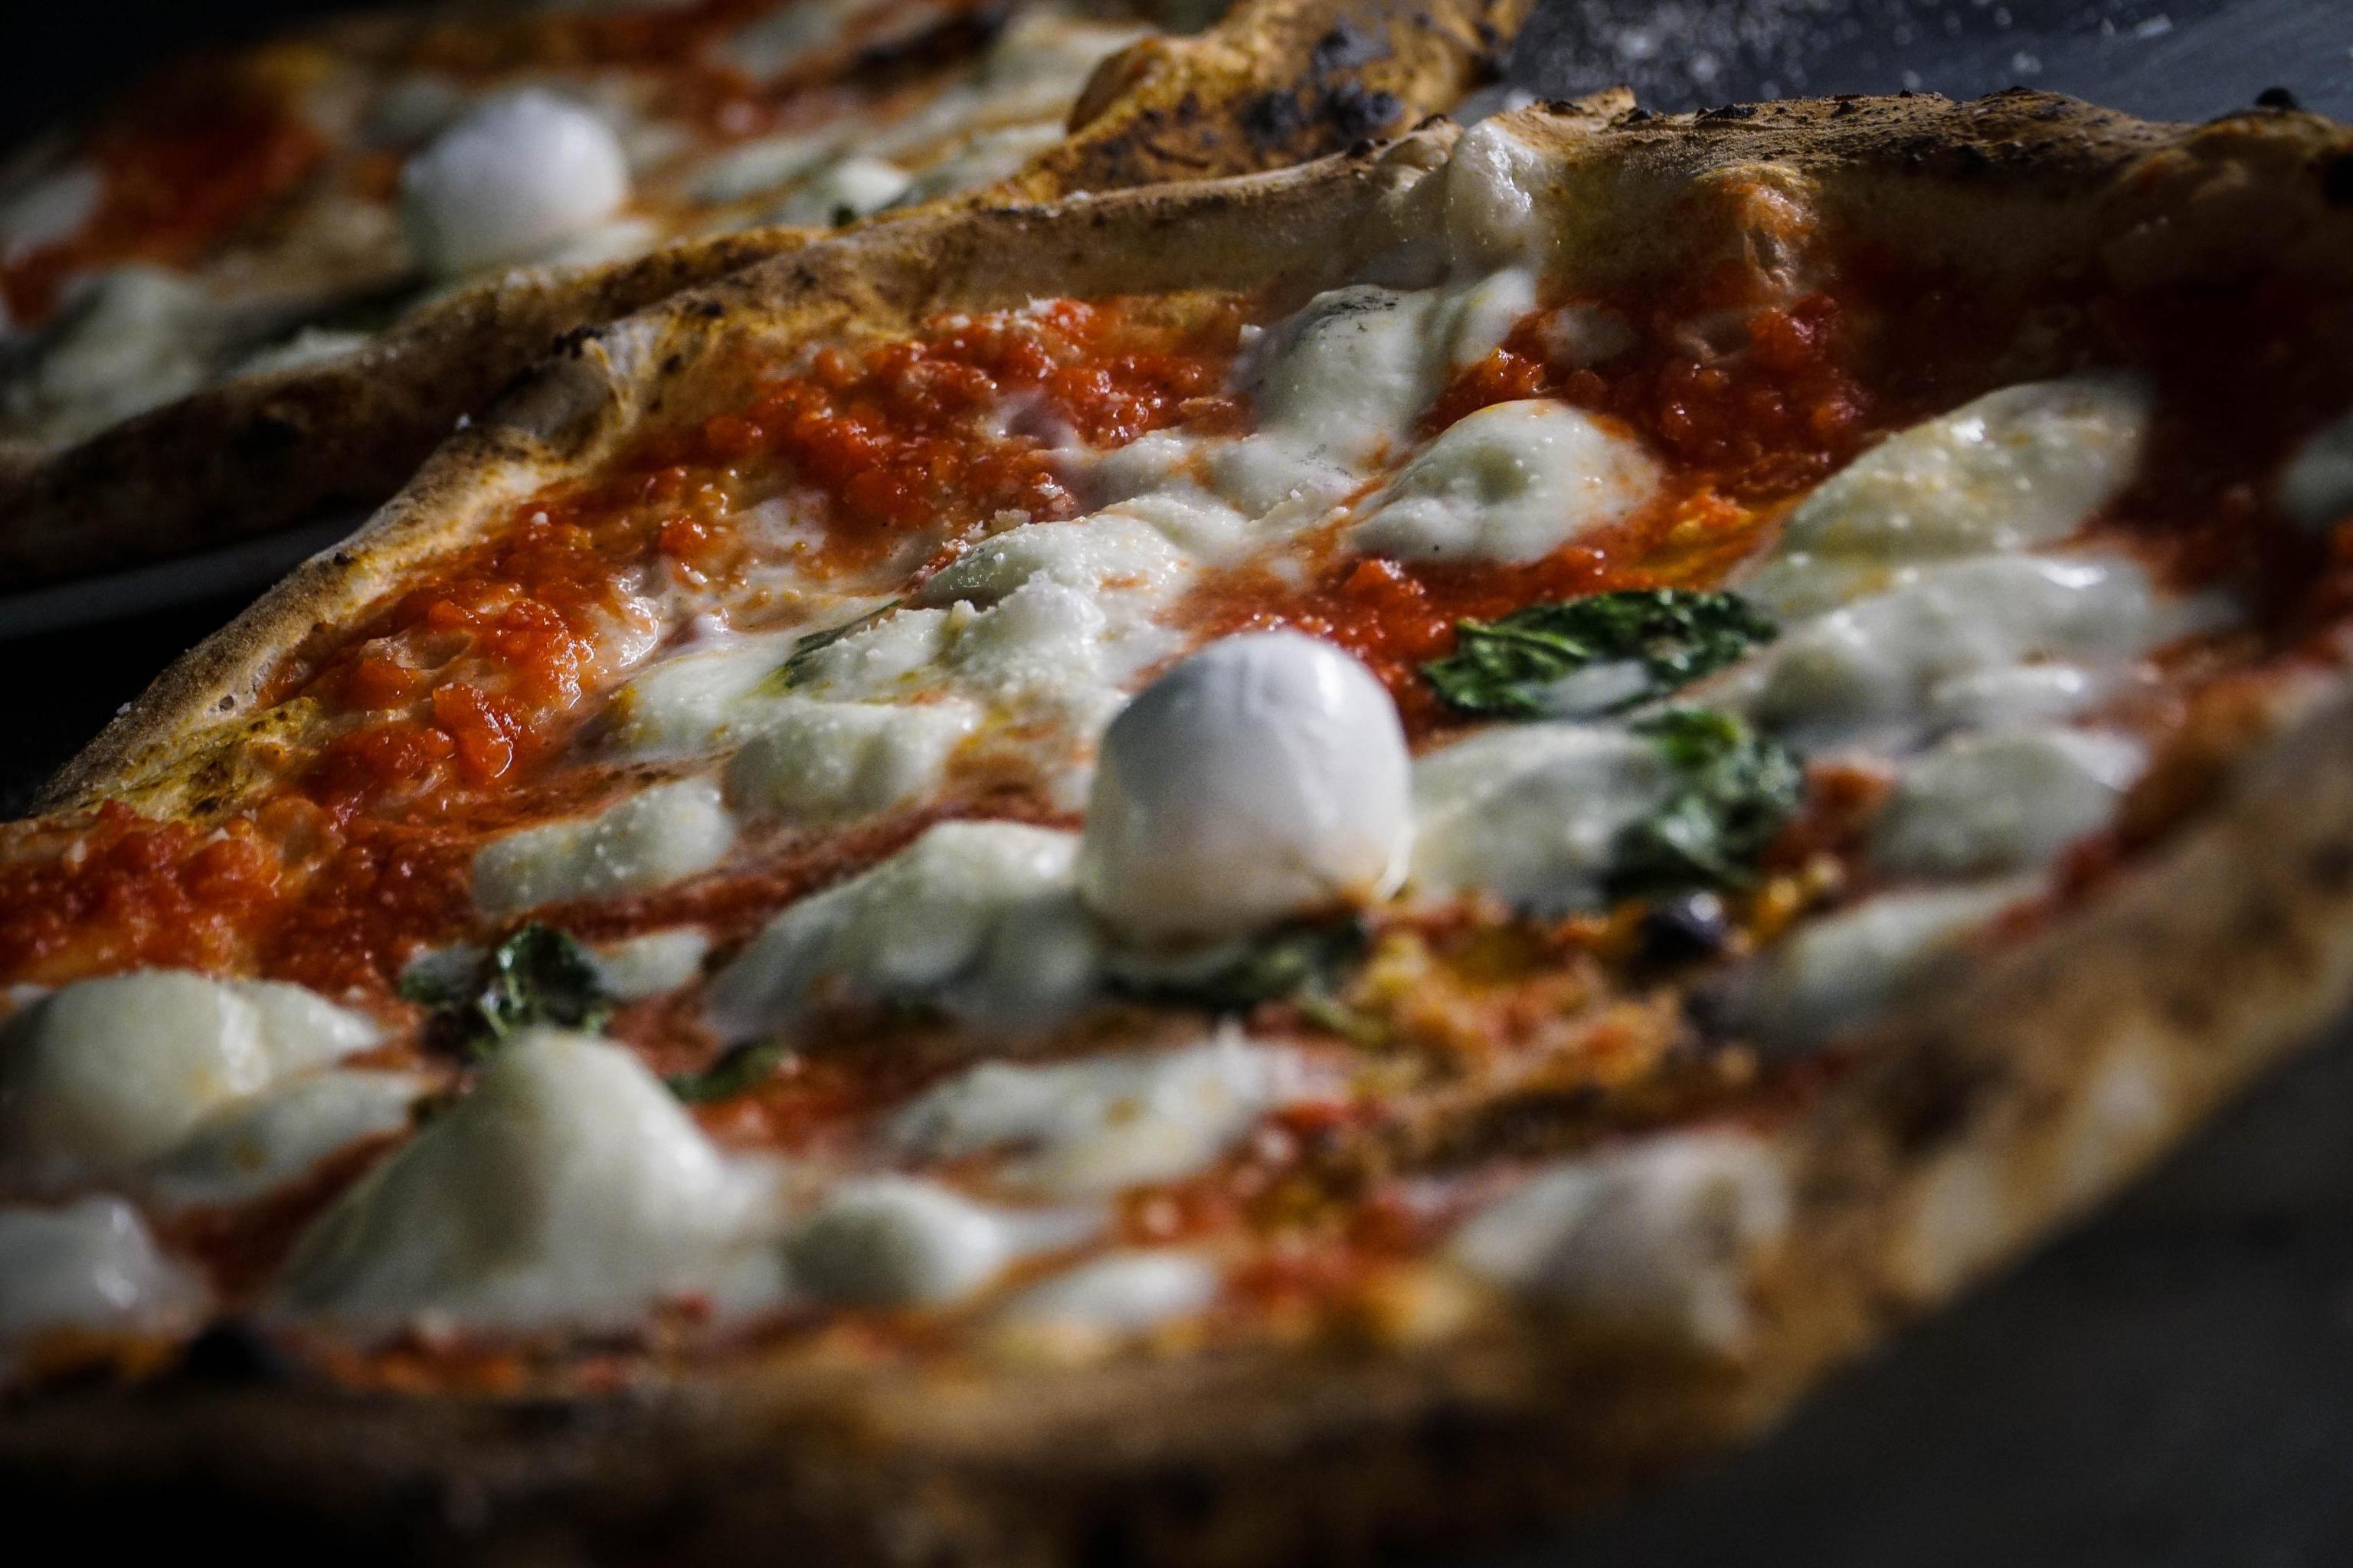 Coppia francese amante della pizza sceglie Caiazzo per il matrimonio in pizzeria